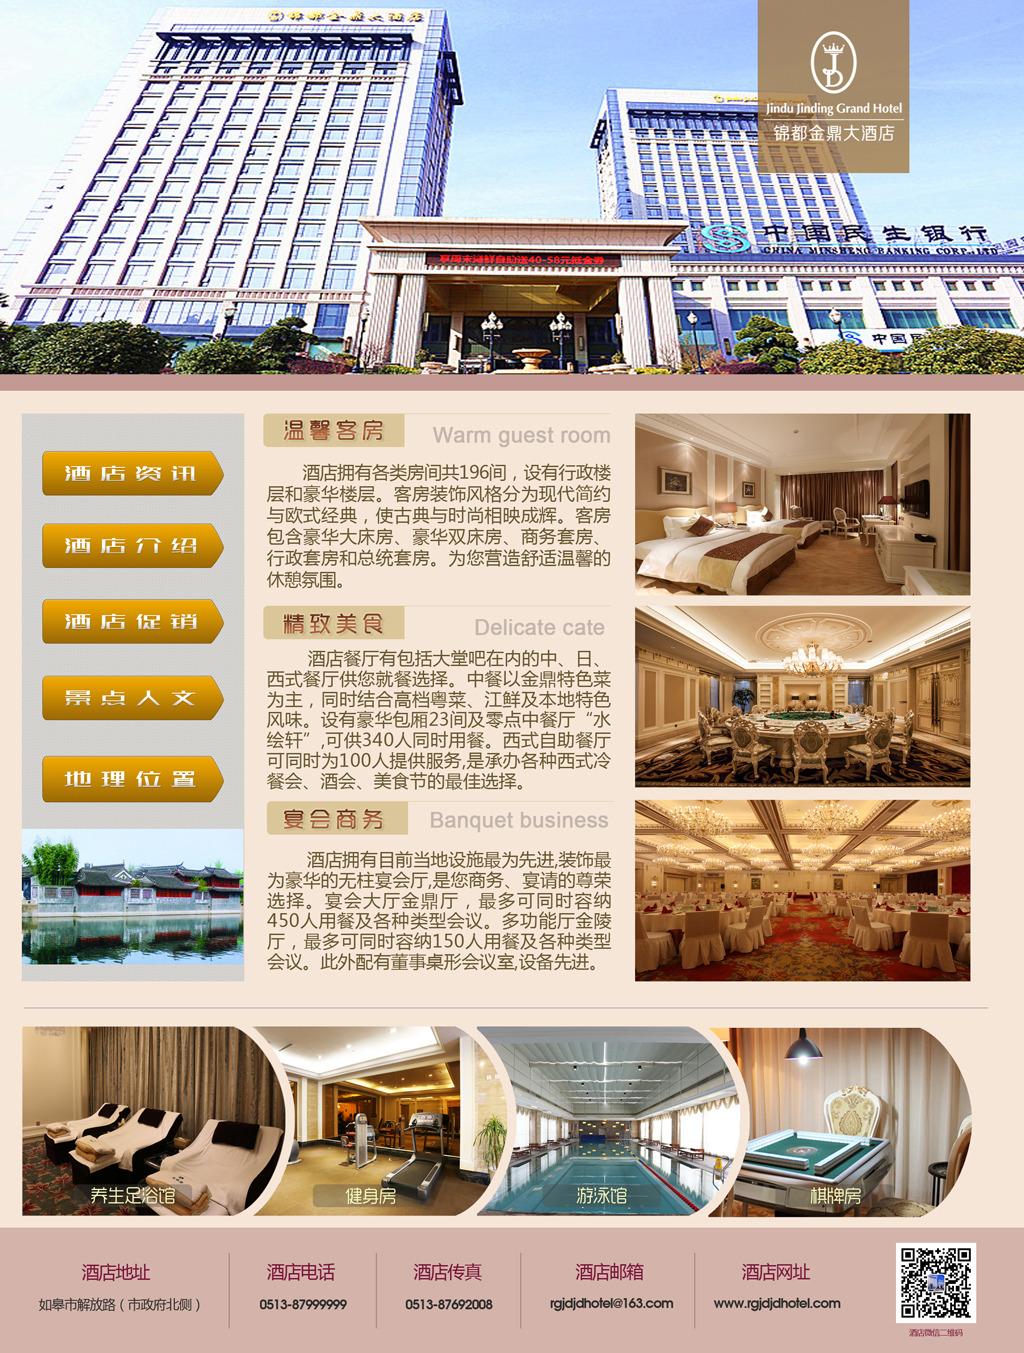 高星酒店网页设计模板psd